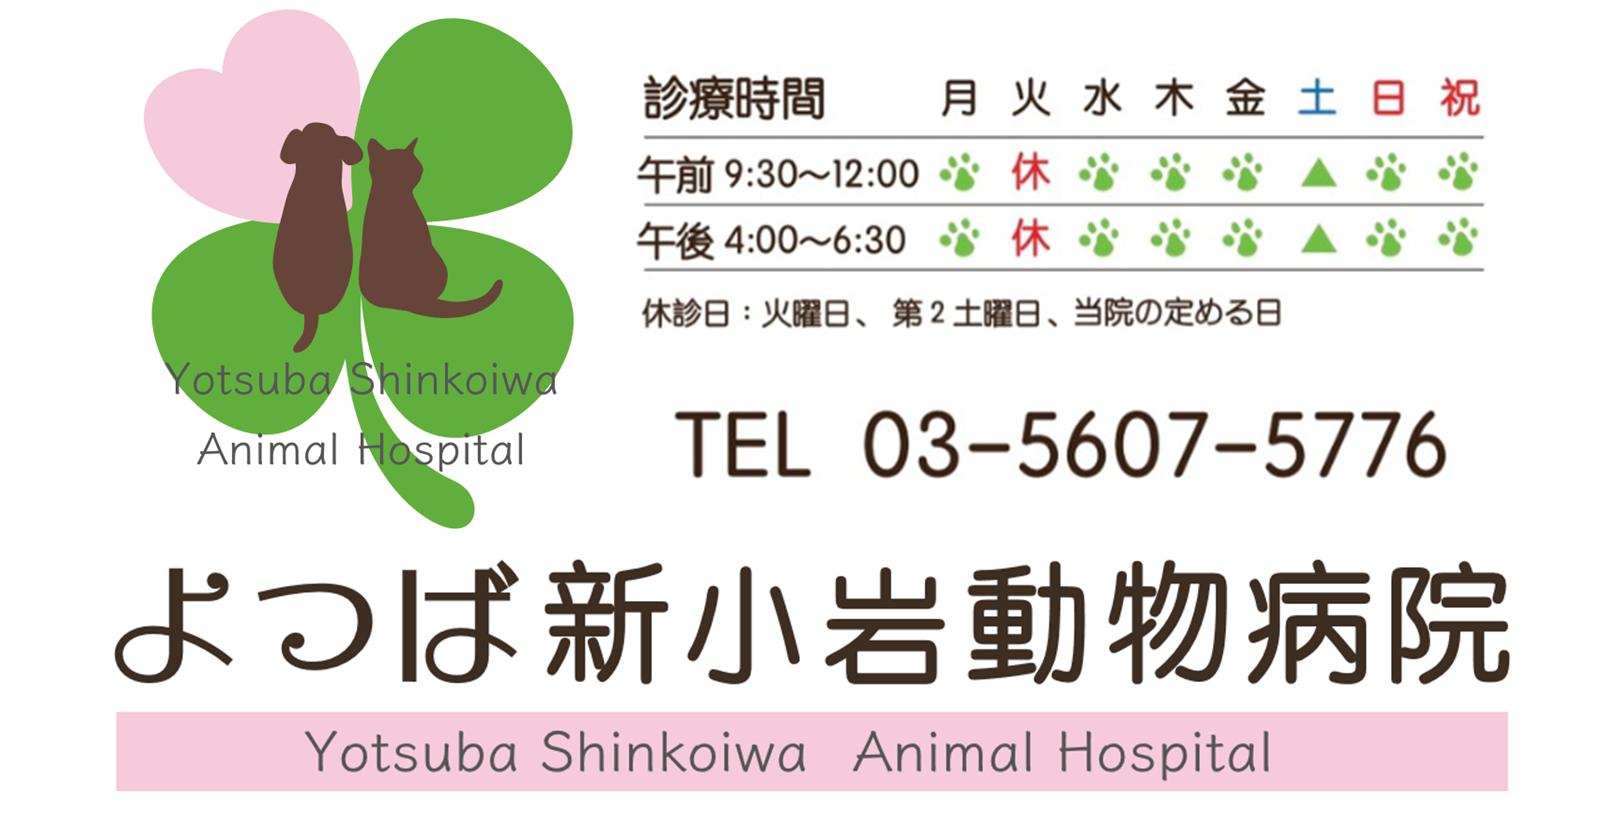 葛飾区・新小岩駅|よつば新小岩動物病院|ペットホテル・トリミング